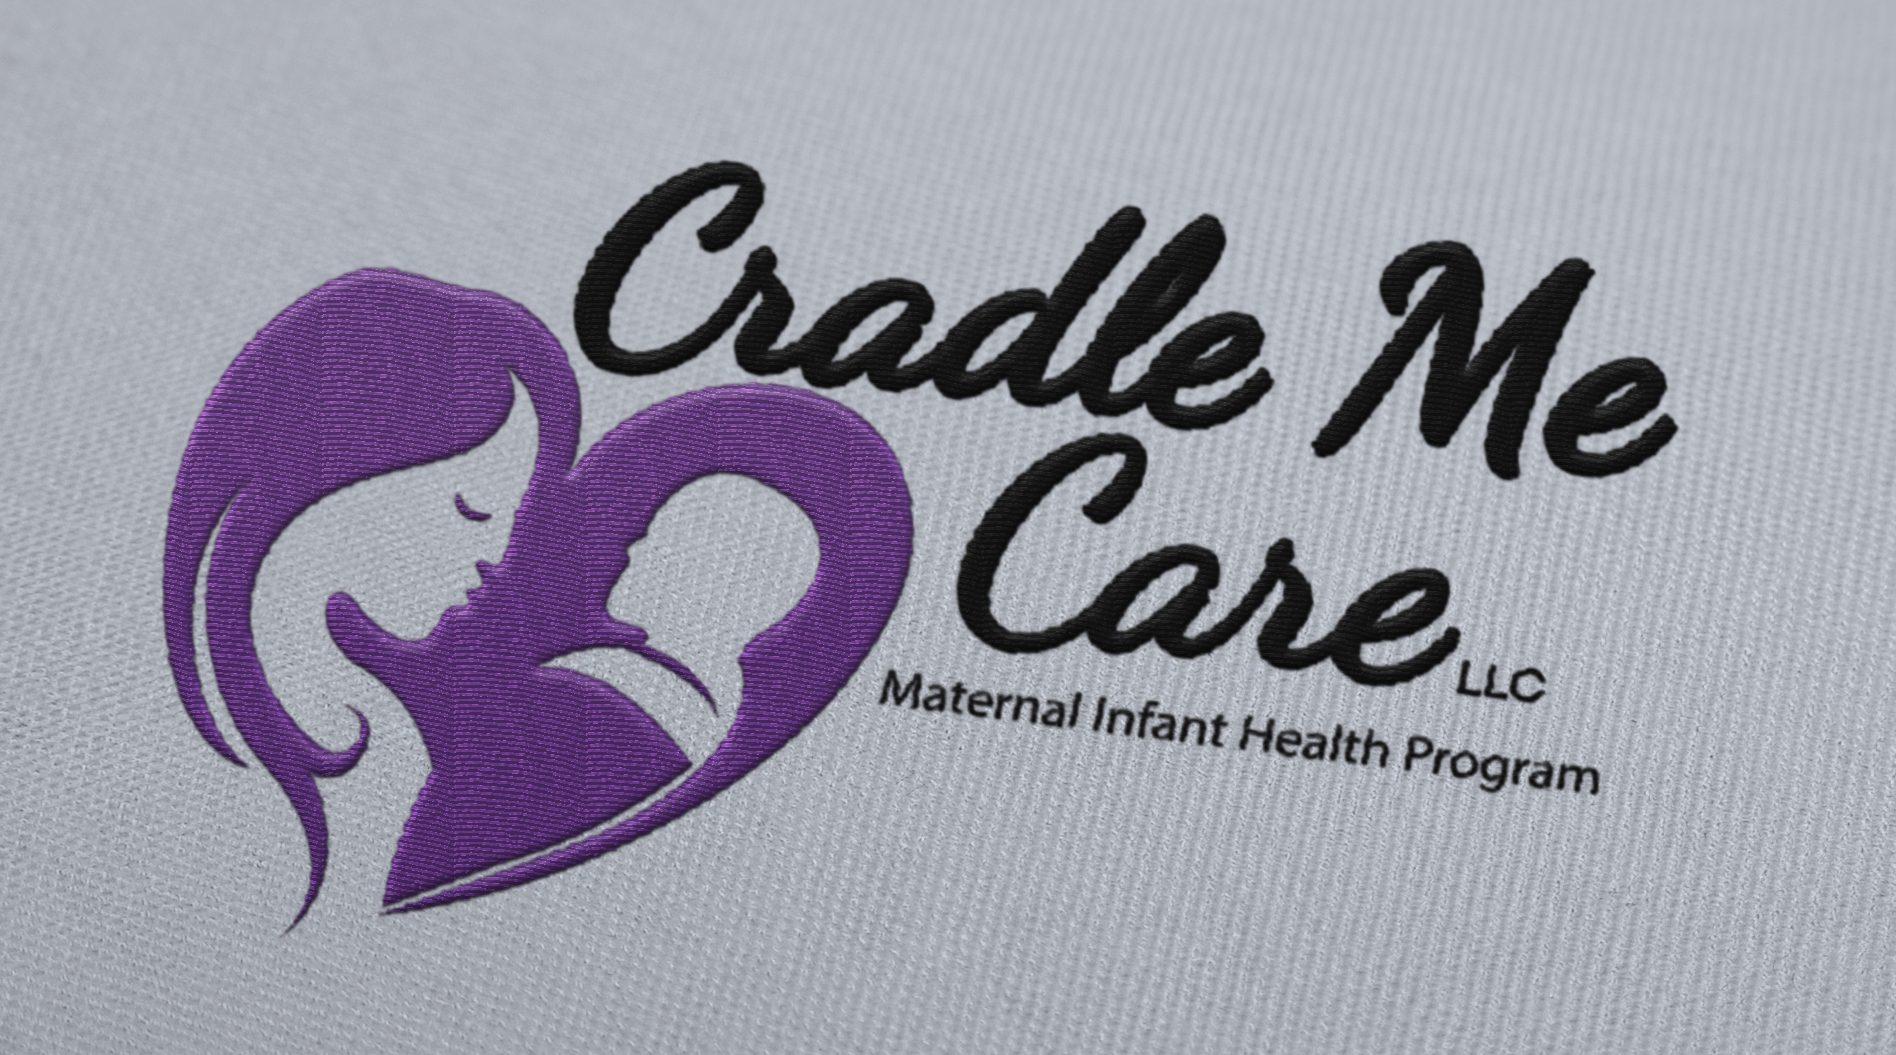 Cradle Me Care - Logo